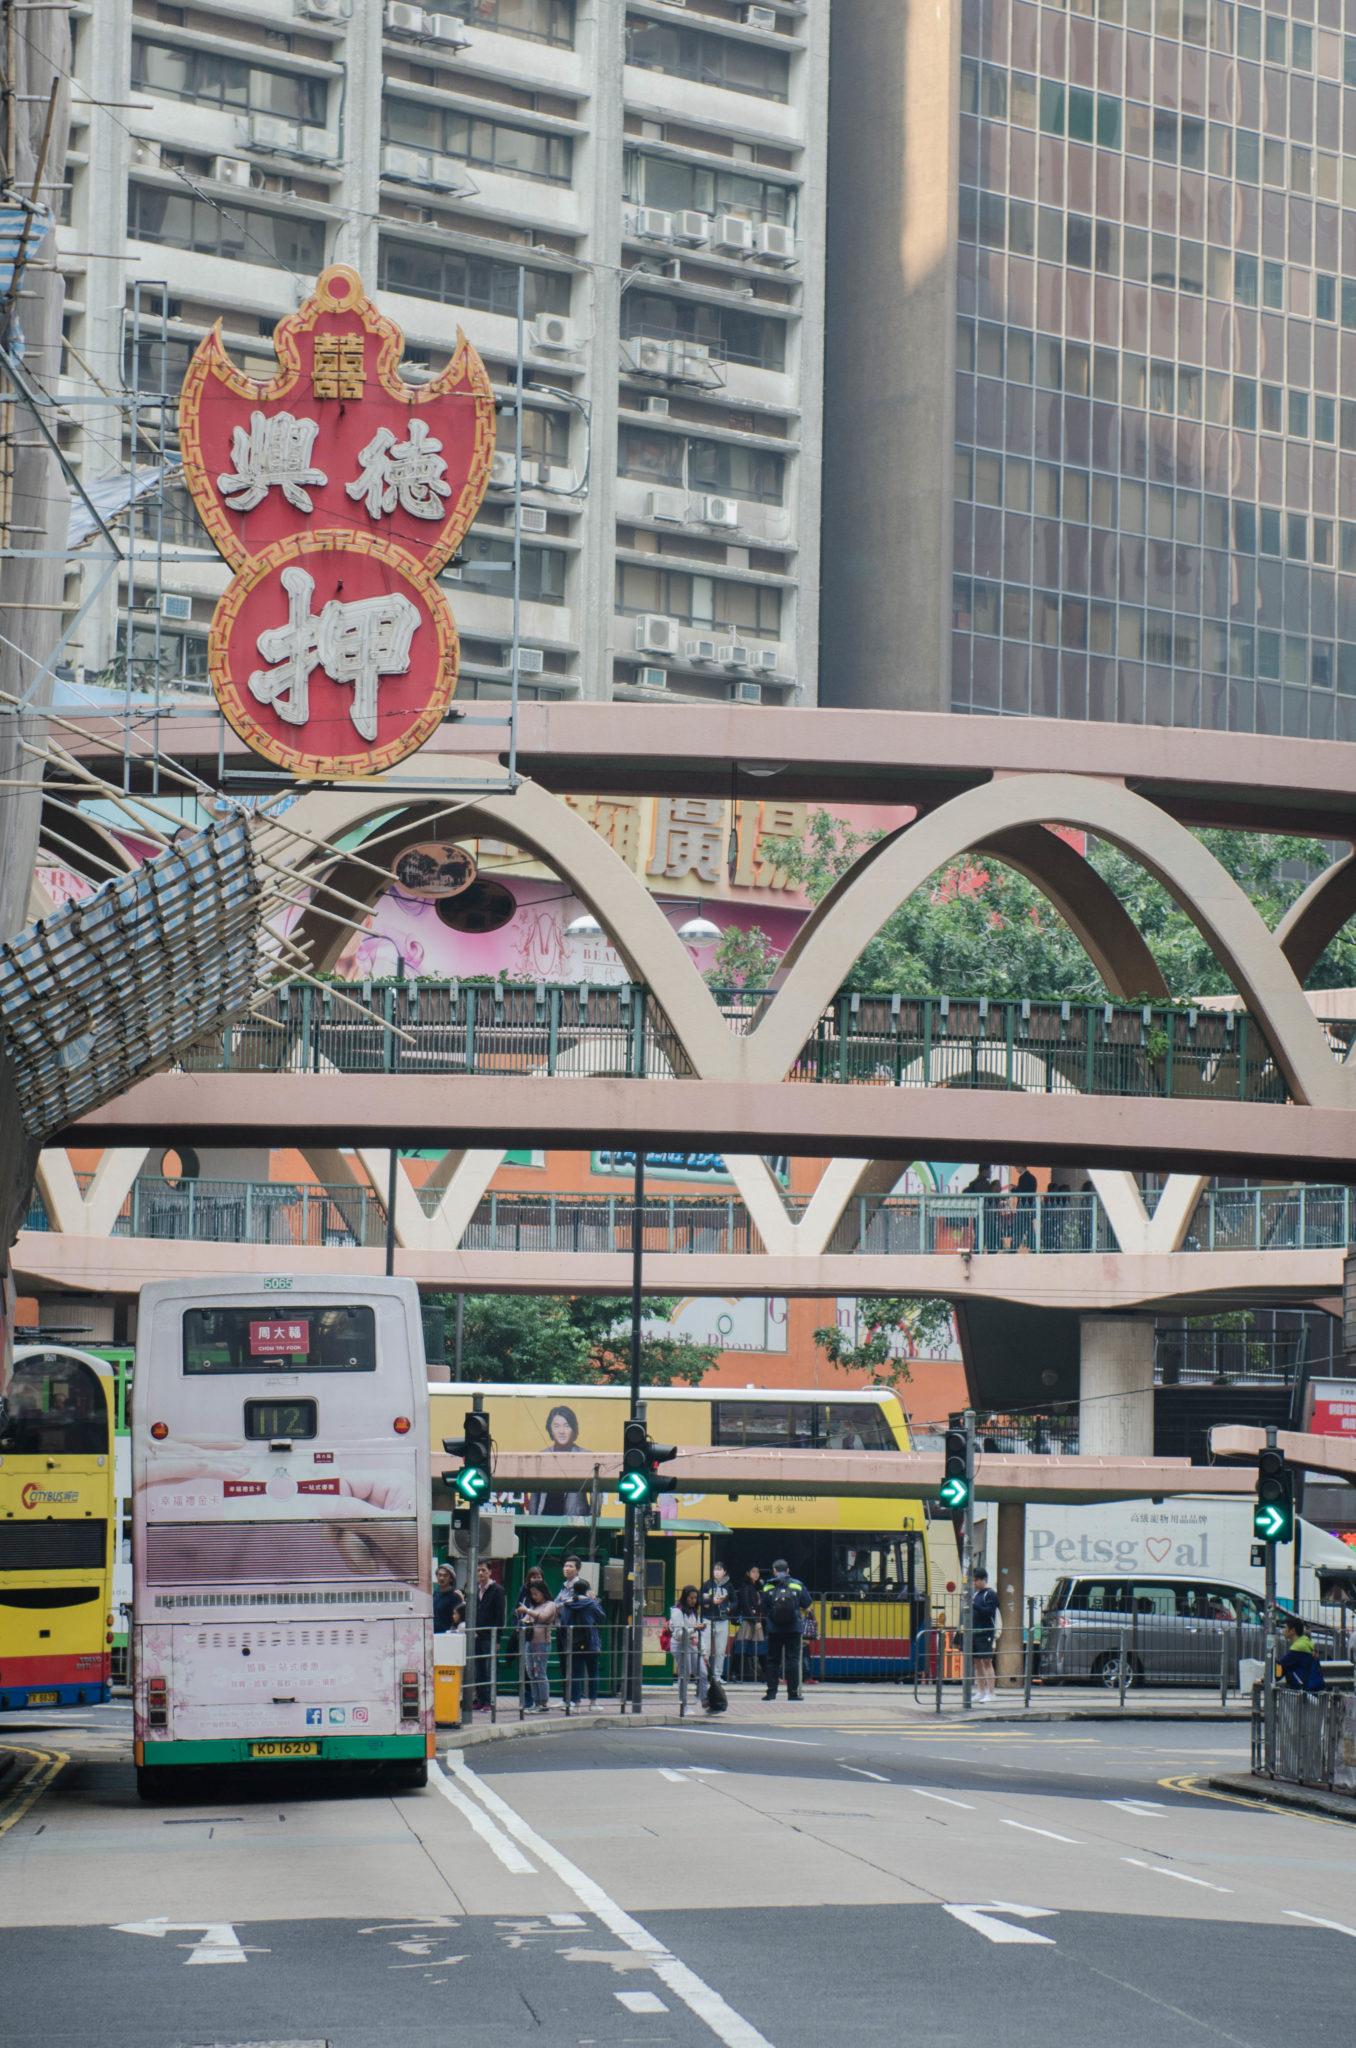 Lanson Place Hotel Hongkong: Der Verkehr in Hongkong ist immer chaotisch